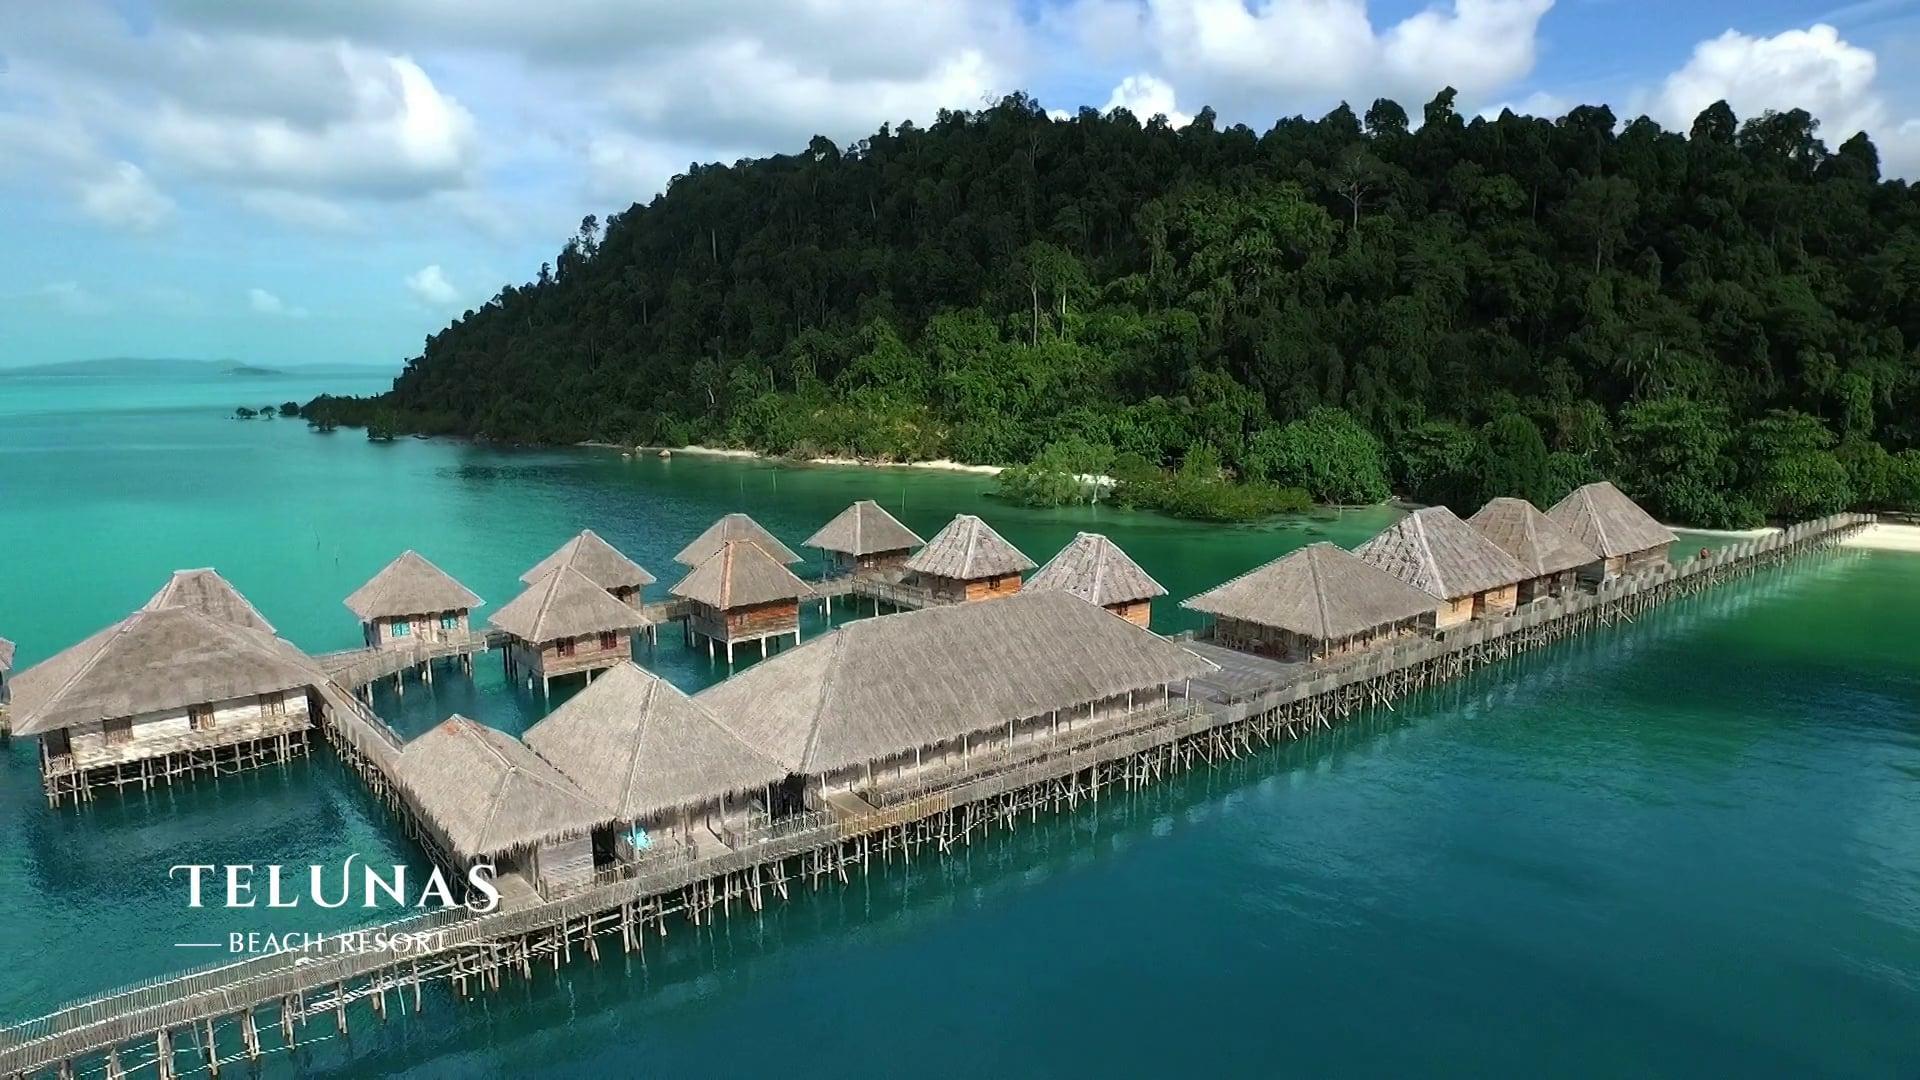 Telunas Beach Resort - Aerial Video